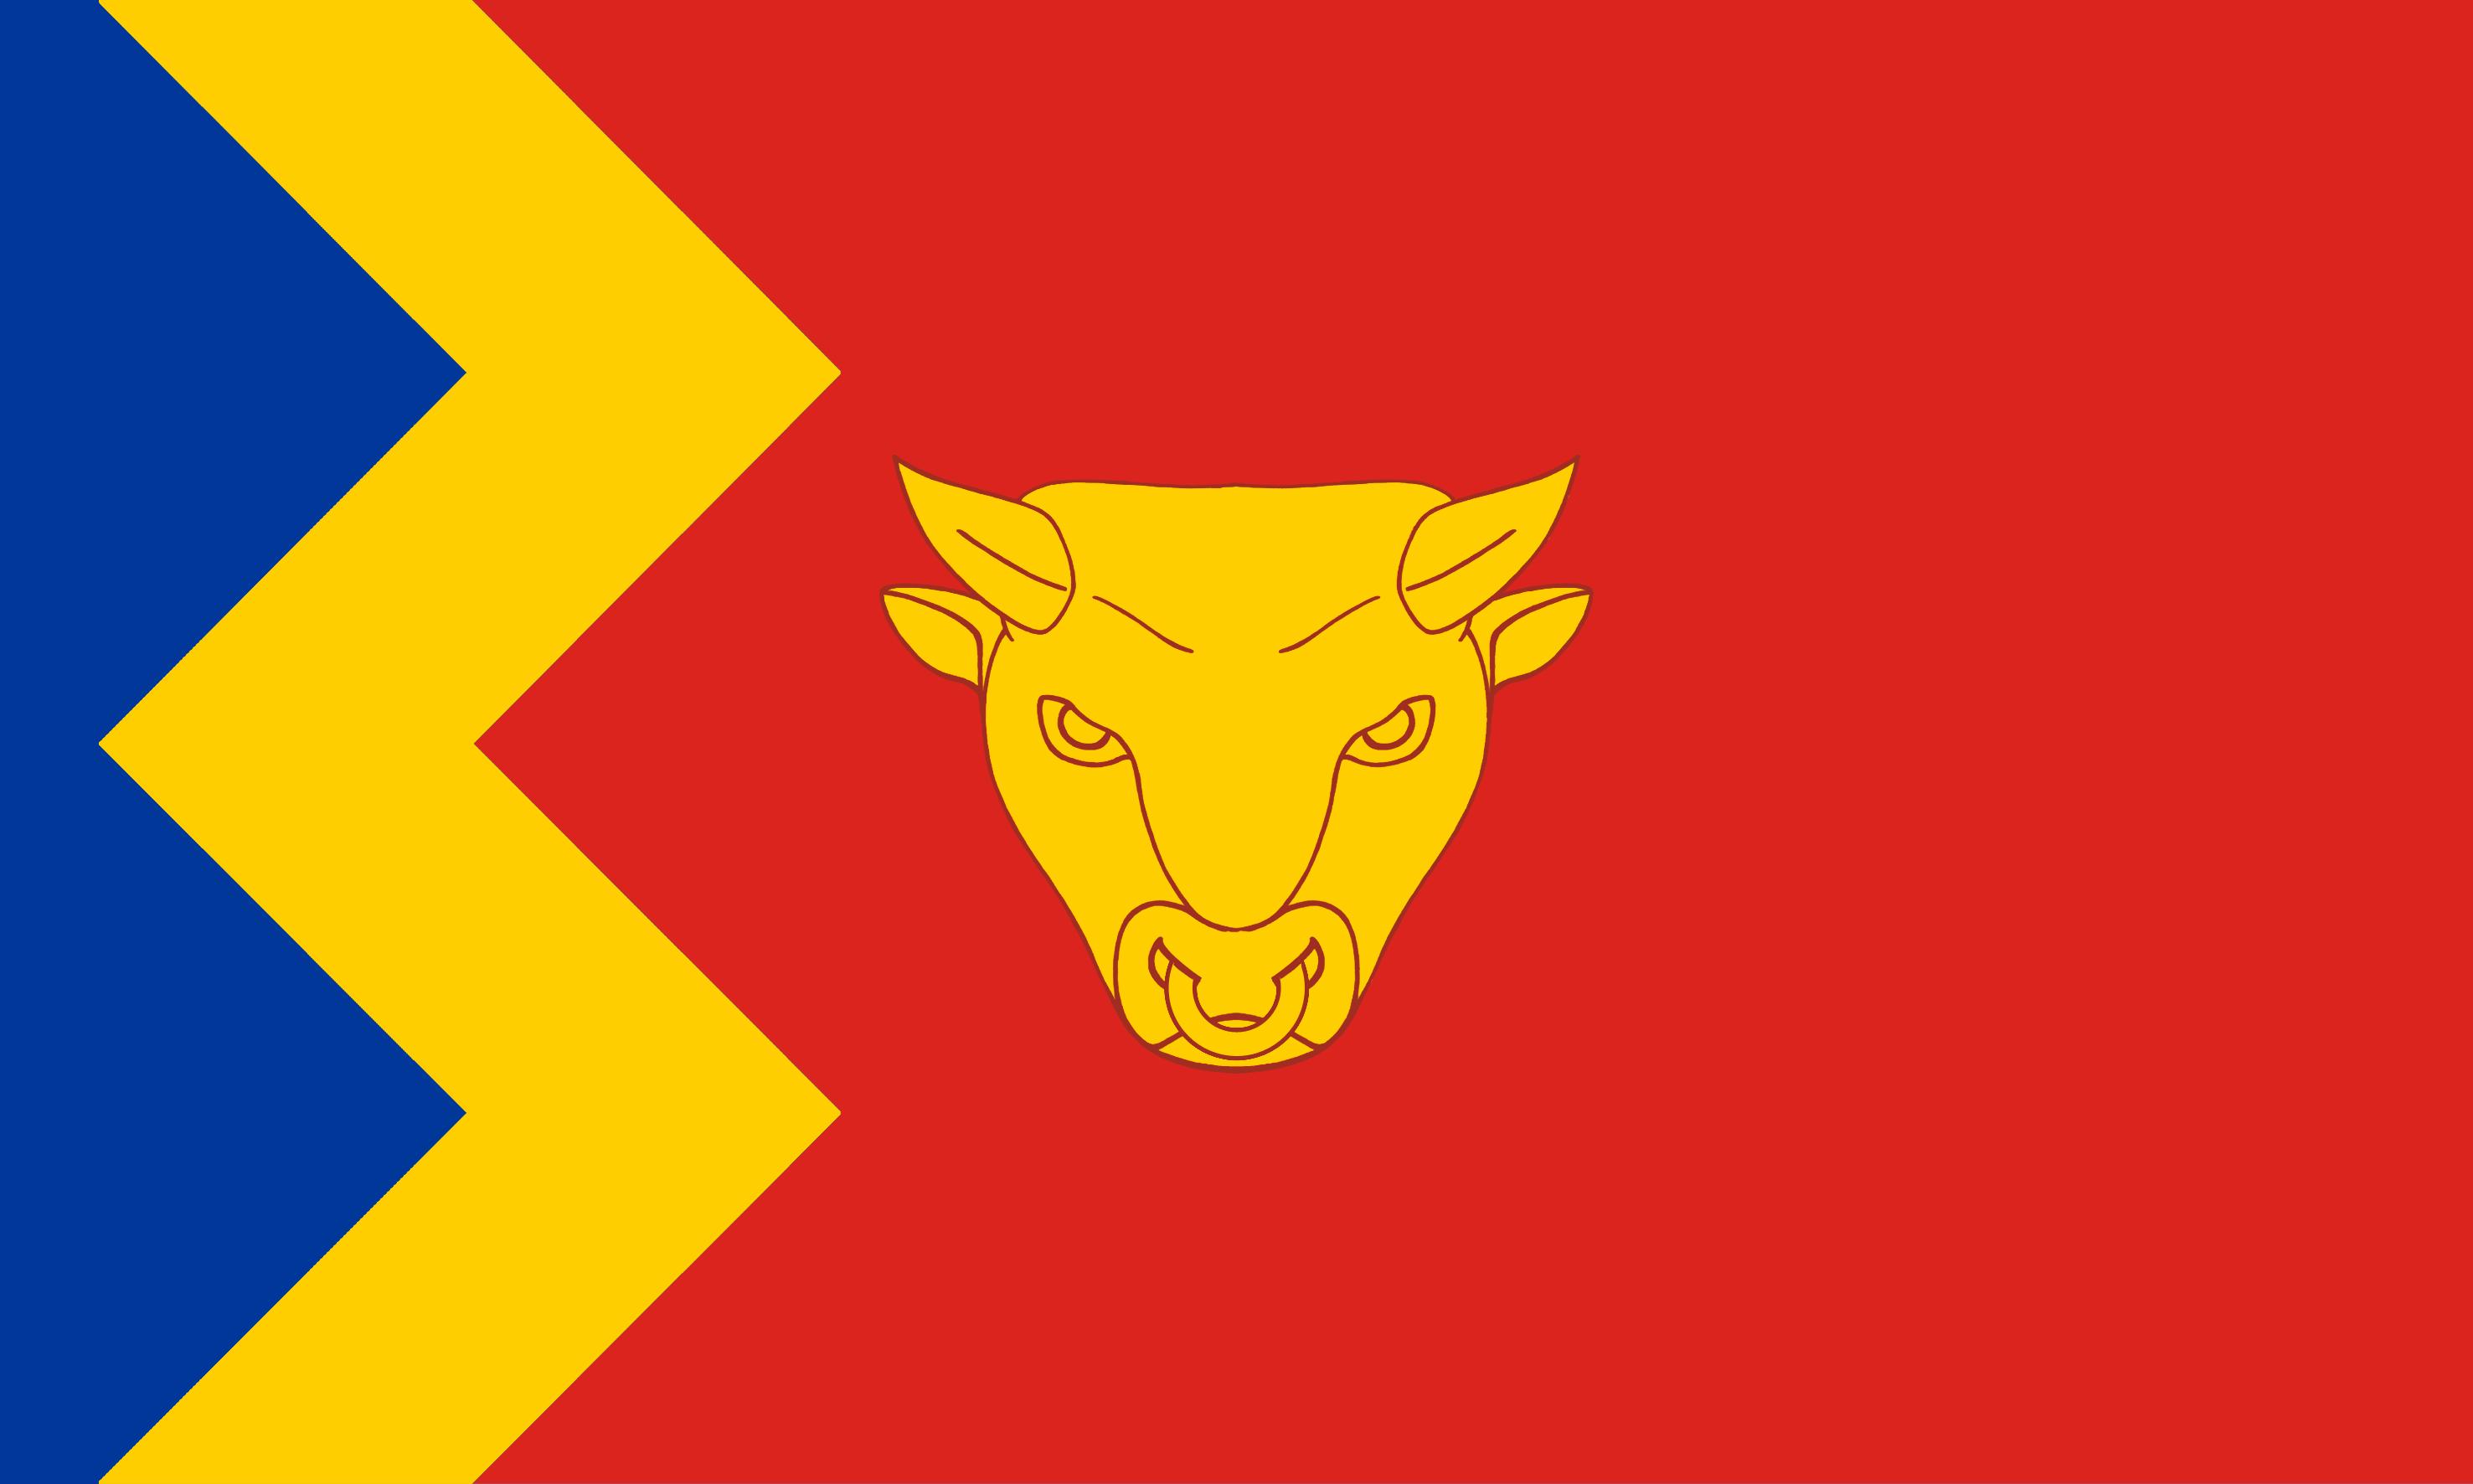 birmingham warwickshire the flag institute